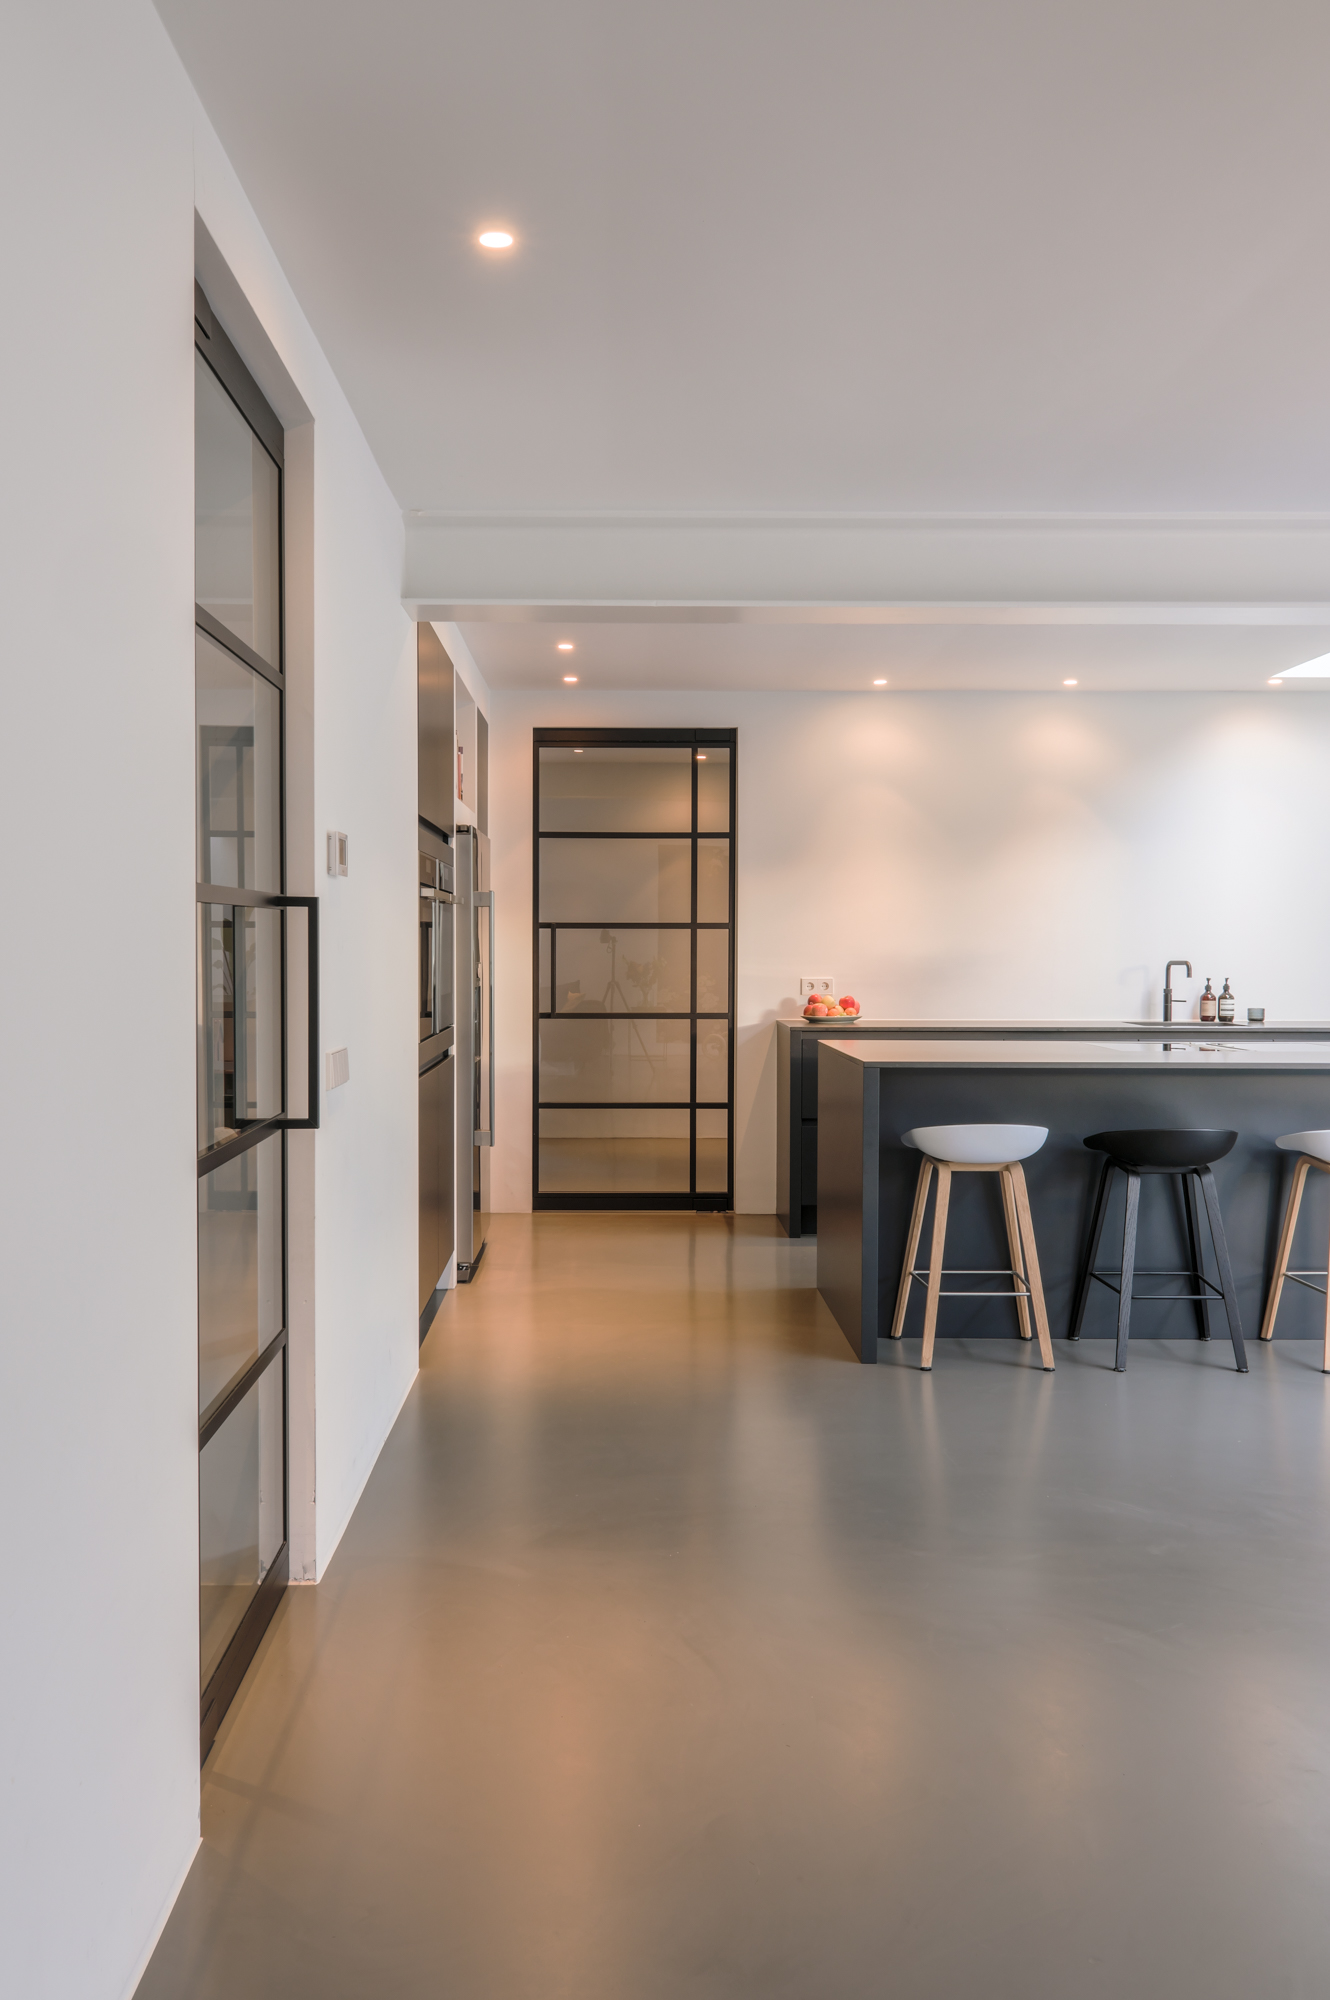 van-os-architecten-breda-ontwerp-moderne-aanbouw-met-aluminium-vouwschuifpui-stalen-binnendeuren-naar-speelkamer